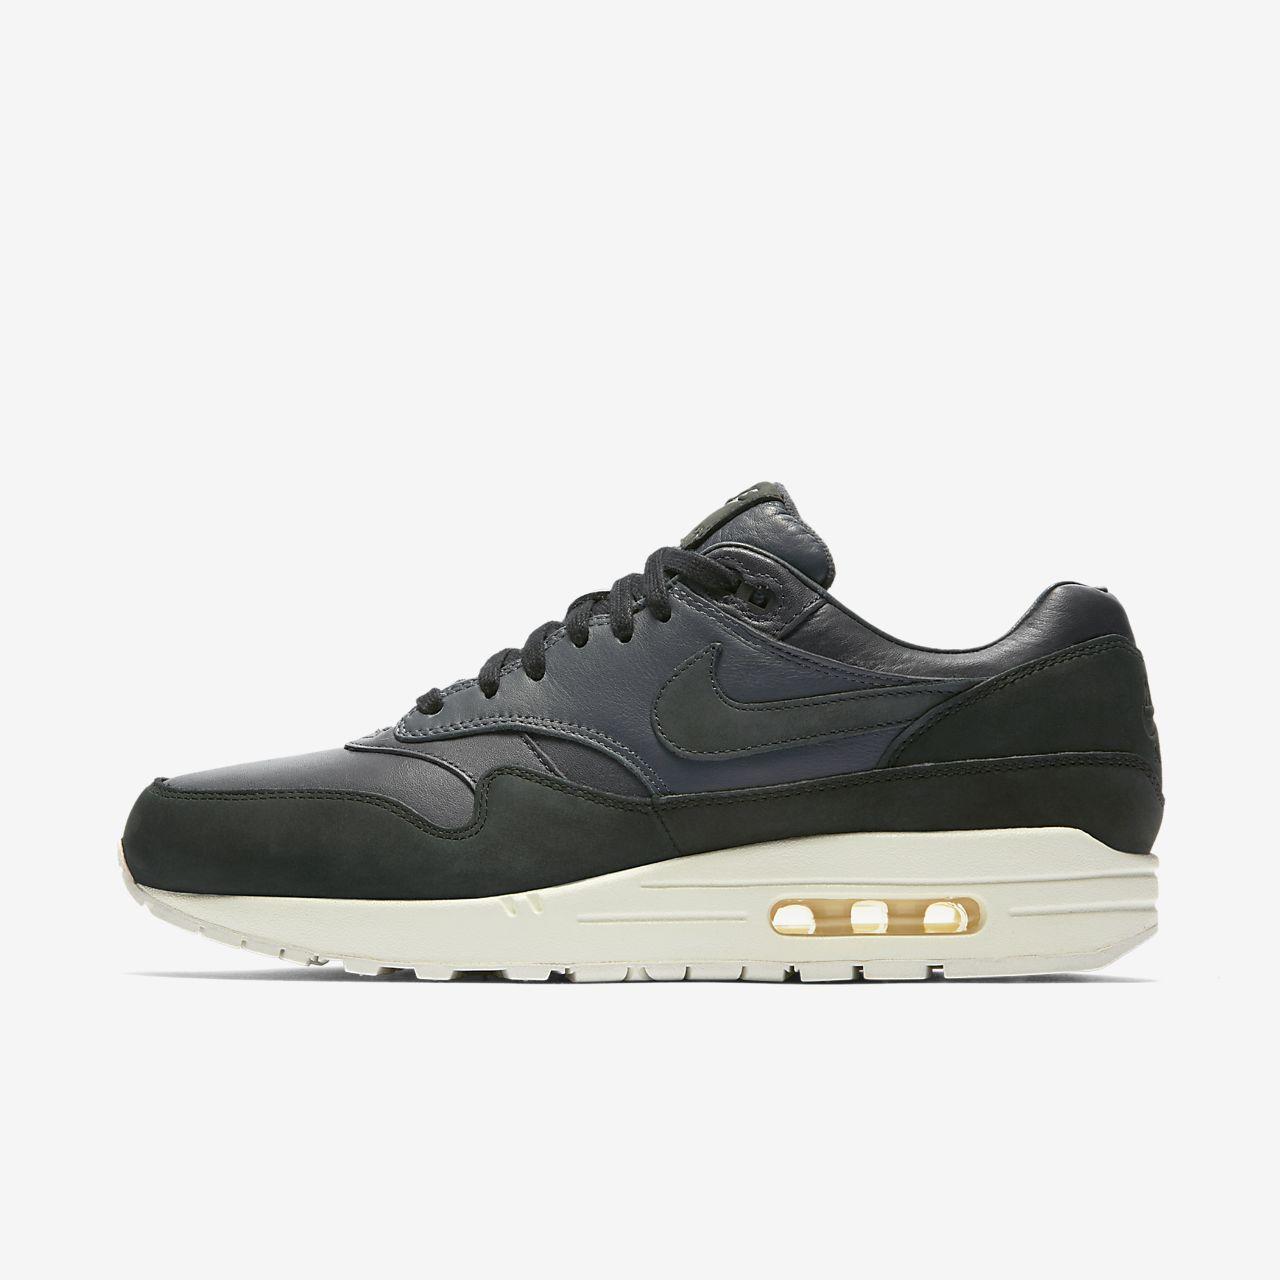 ... Chaussure Nike Air Max 1 Pinnacle pour Homme